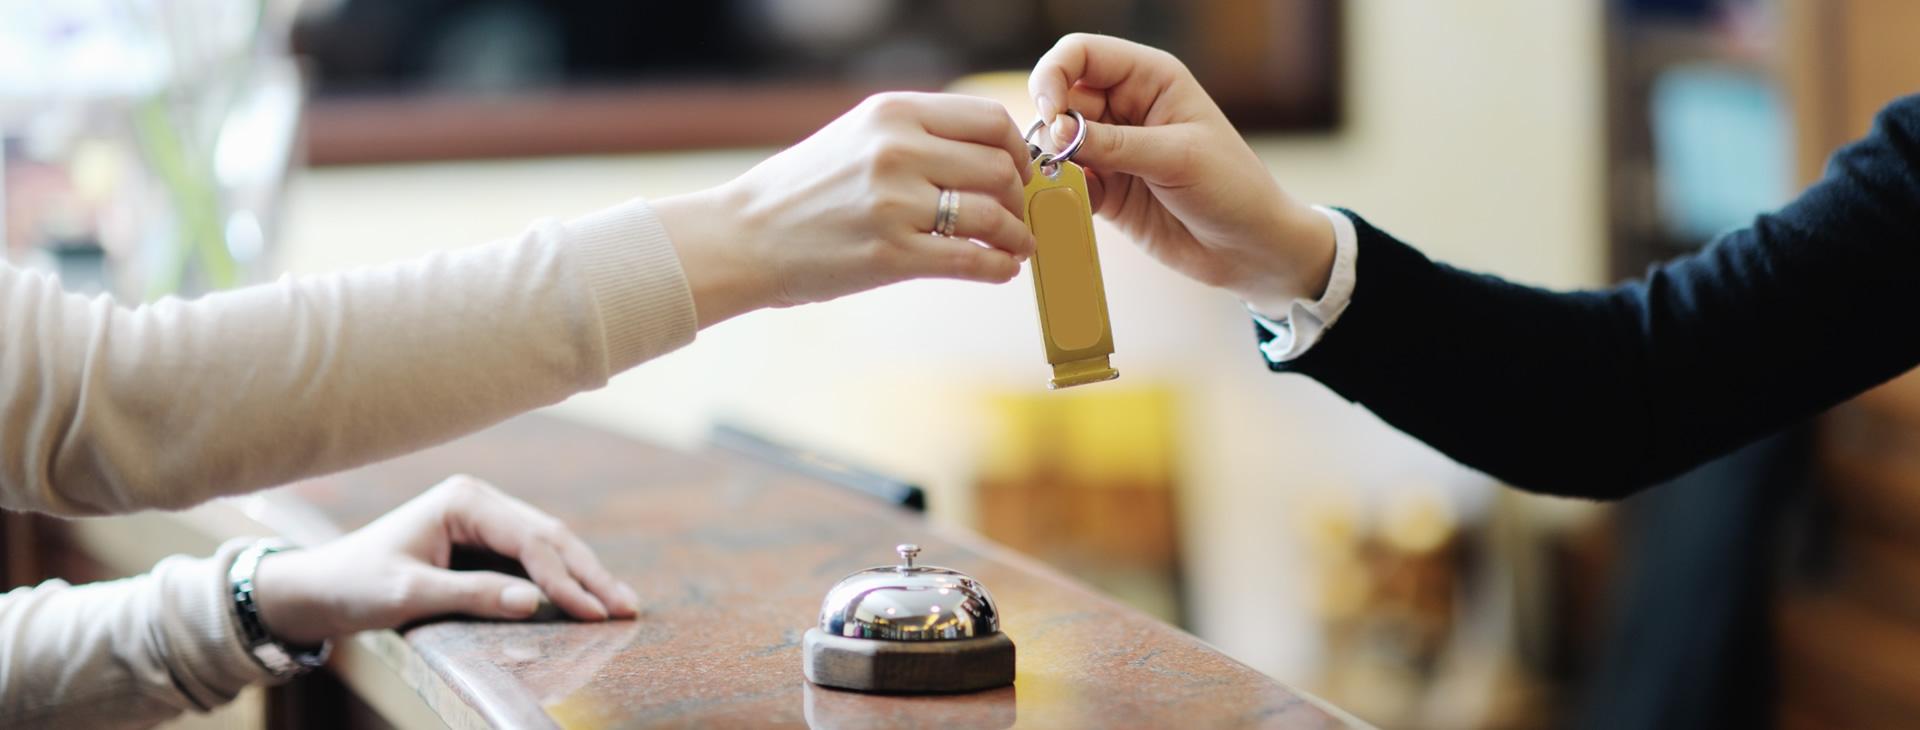 Case-Gestão de estoques-Logística-Hotelaria-Hominiss-Consulting